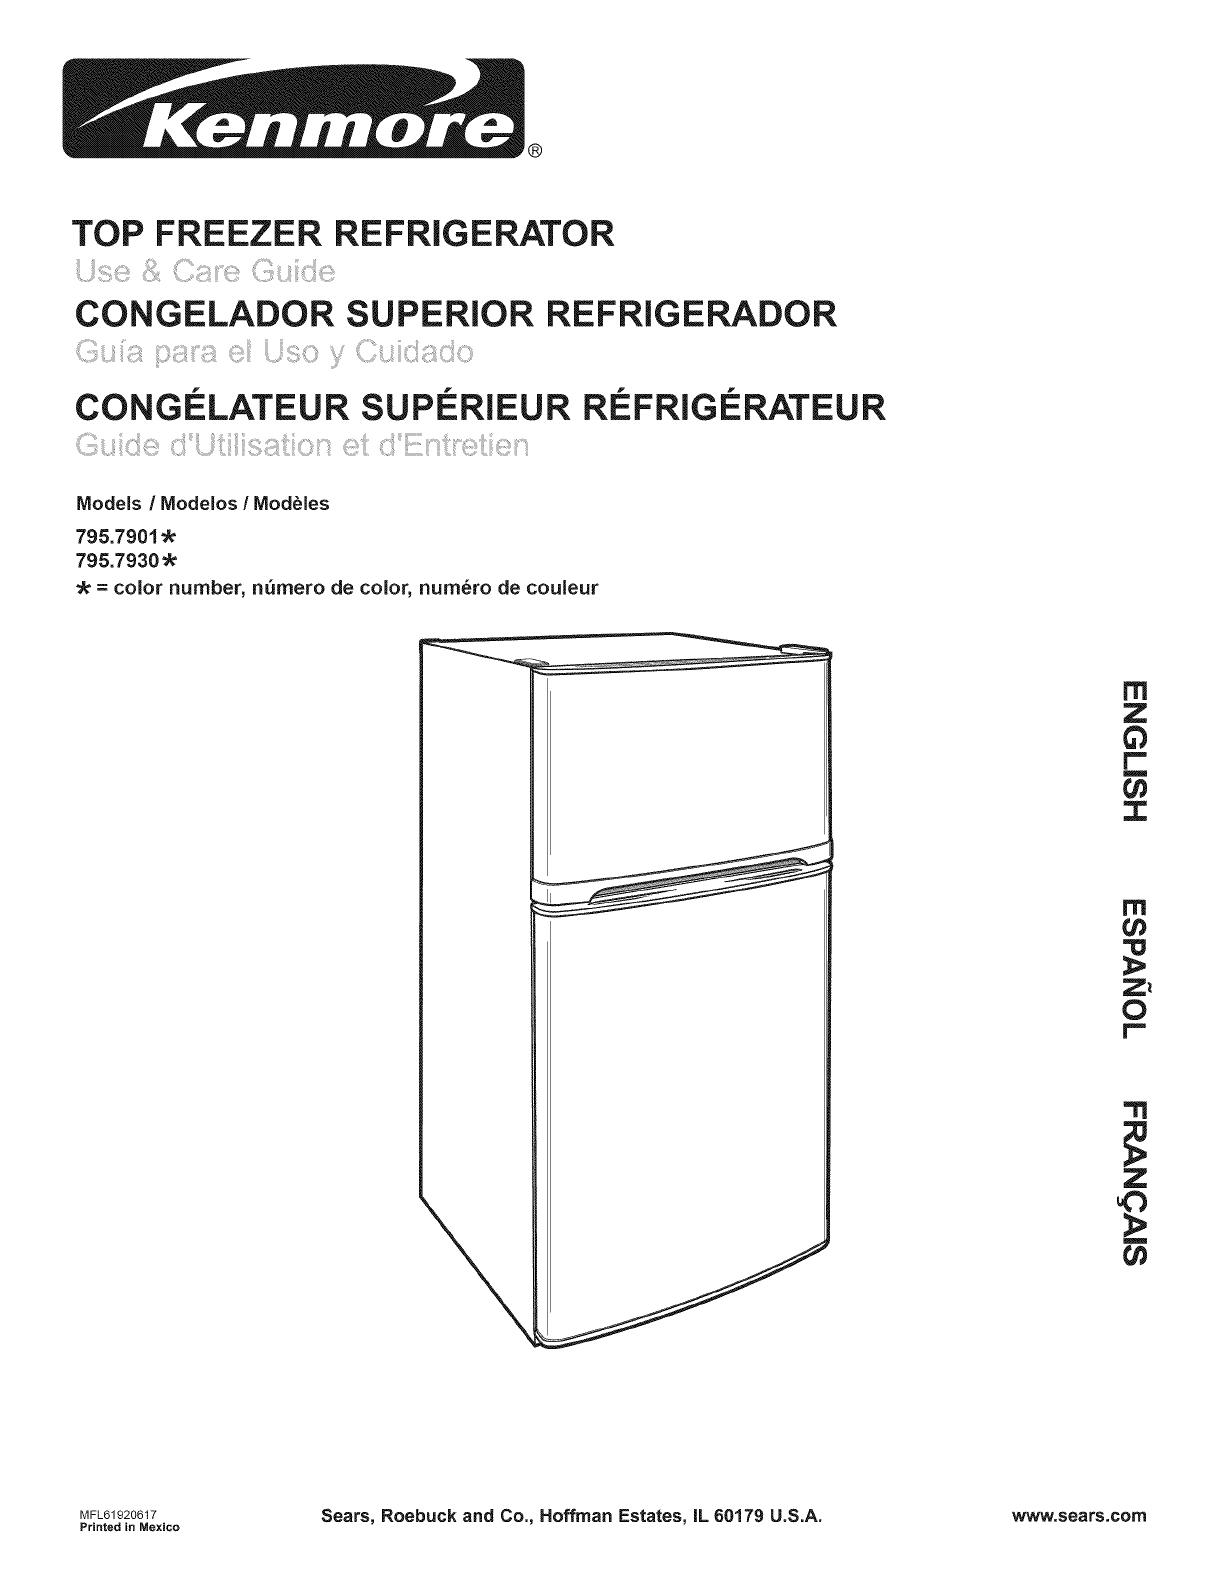 Kenmore Refrigerator Top Freezer Manual - Photos Freezer and Stair